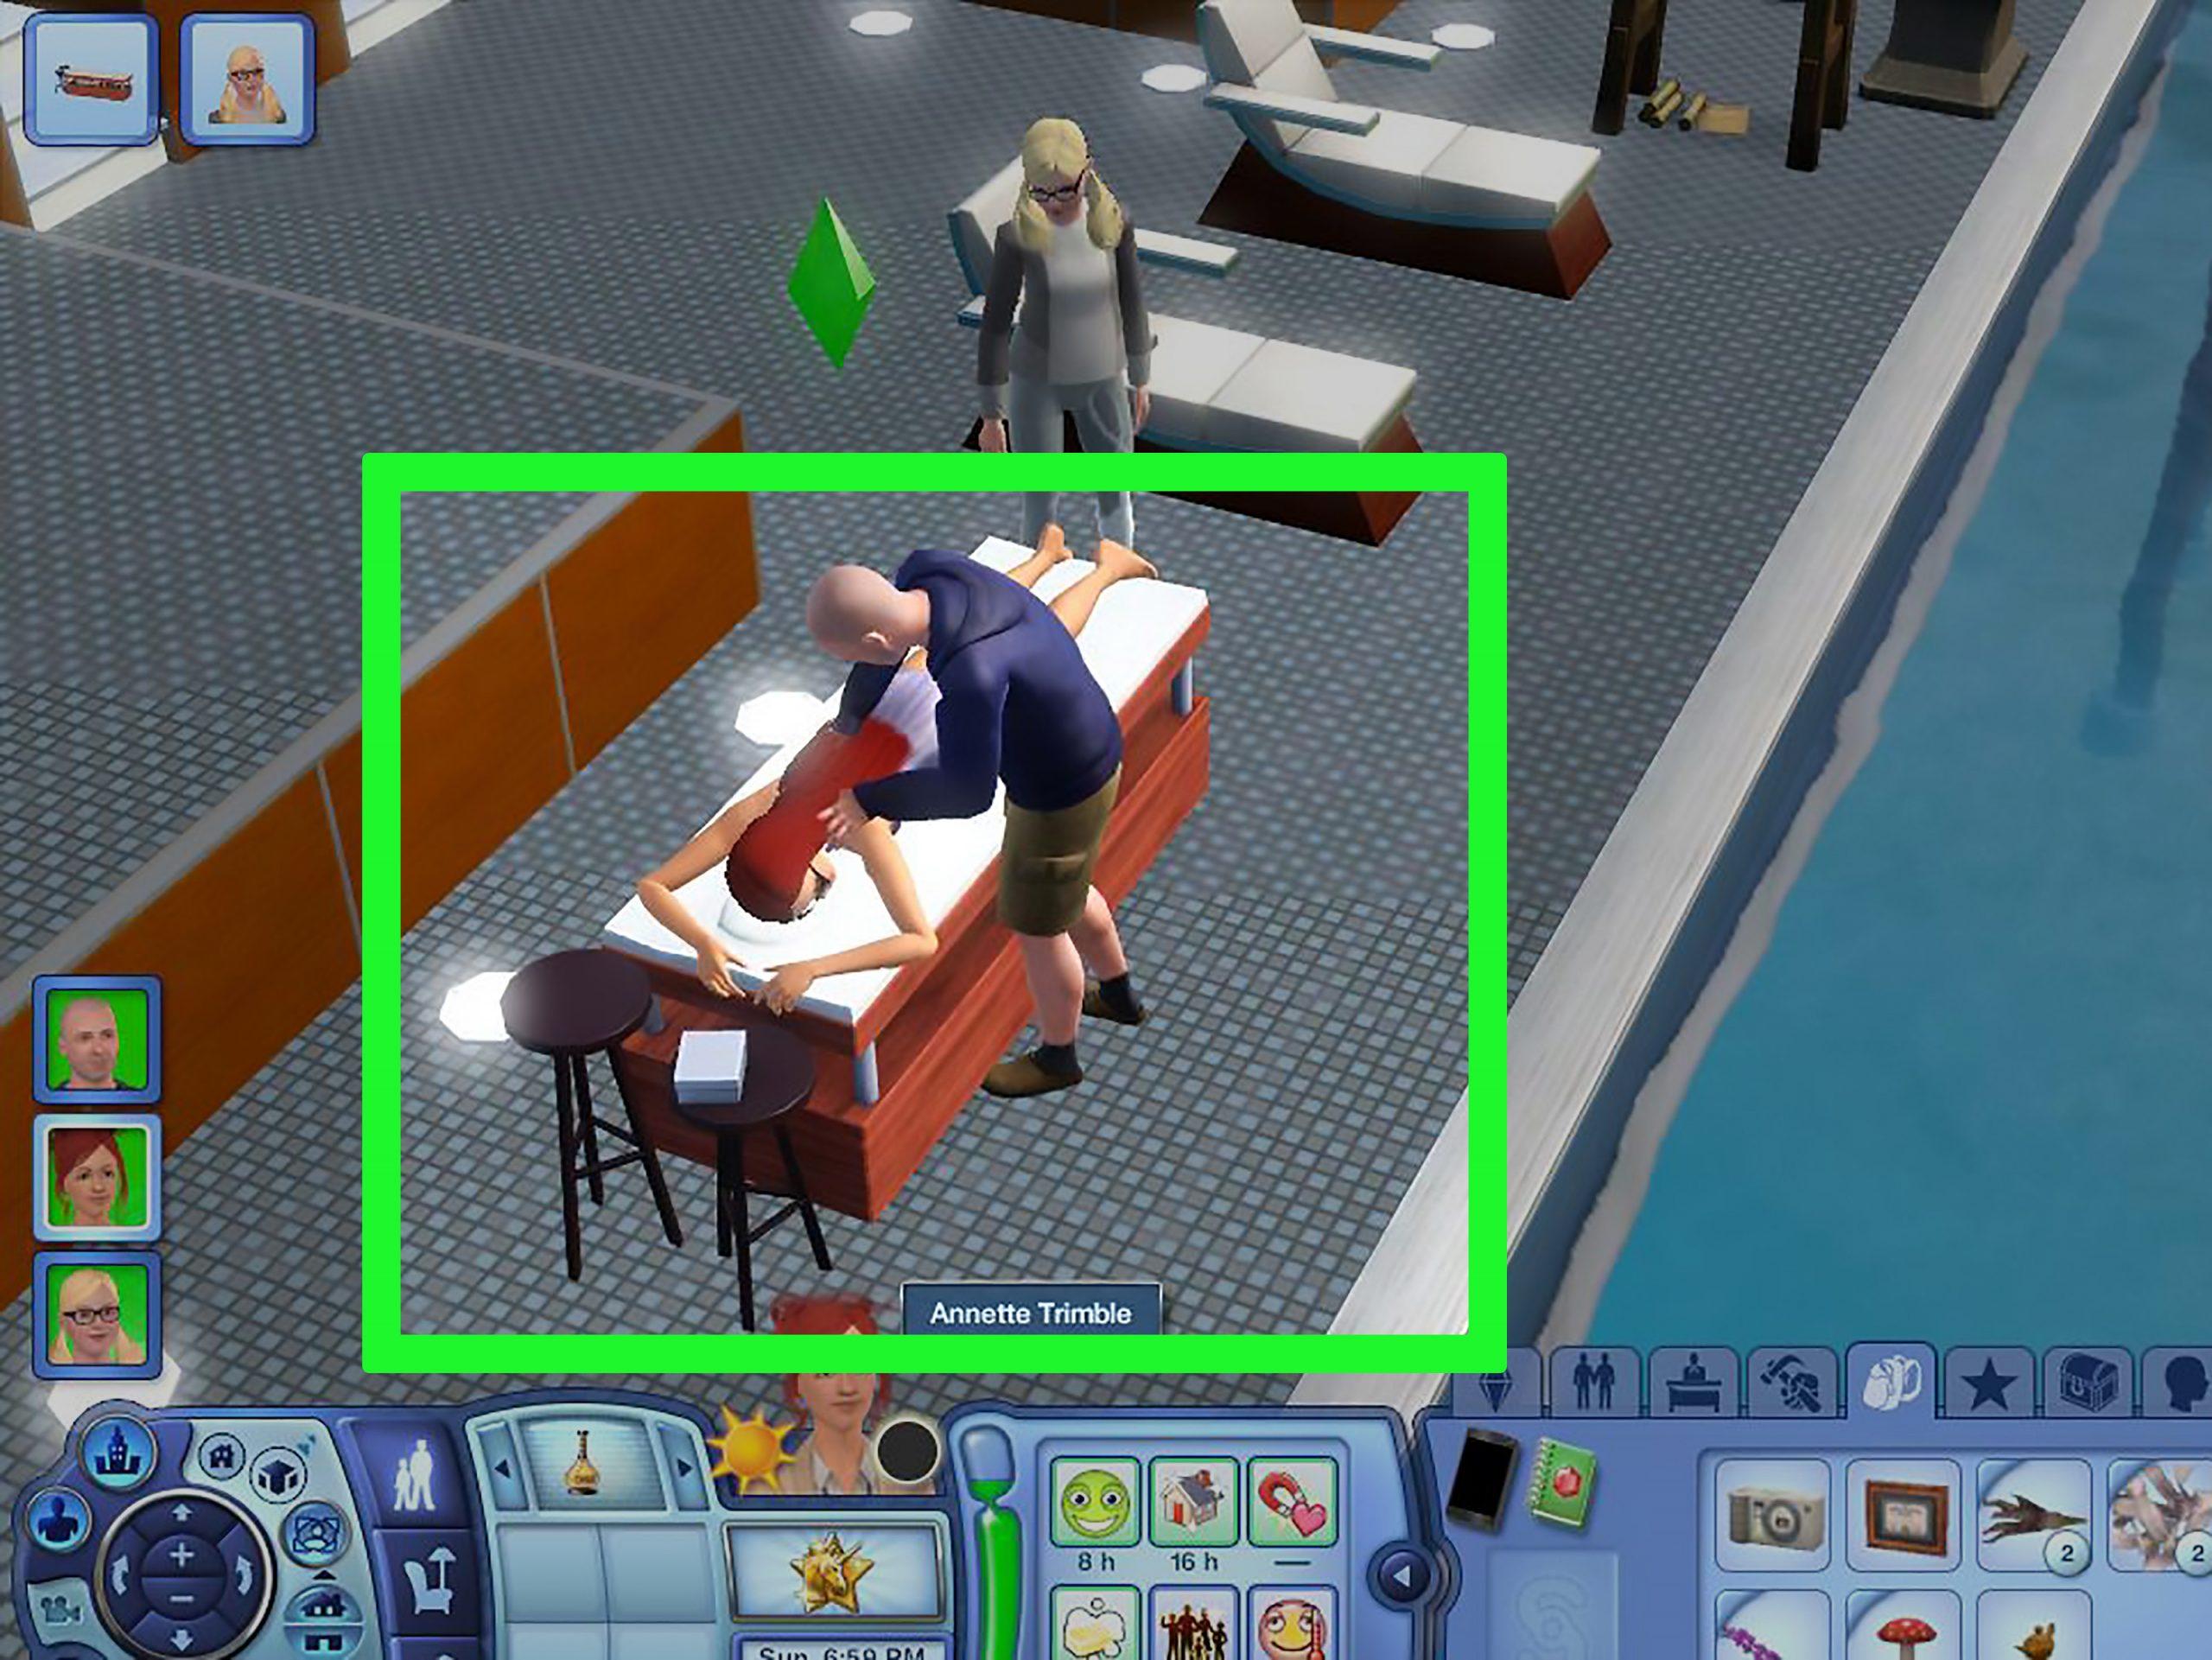 Jeux De Sims 3 – Jeux Sur Xbox 360 Les Sims 3 à Jeux 3 À La Suite